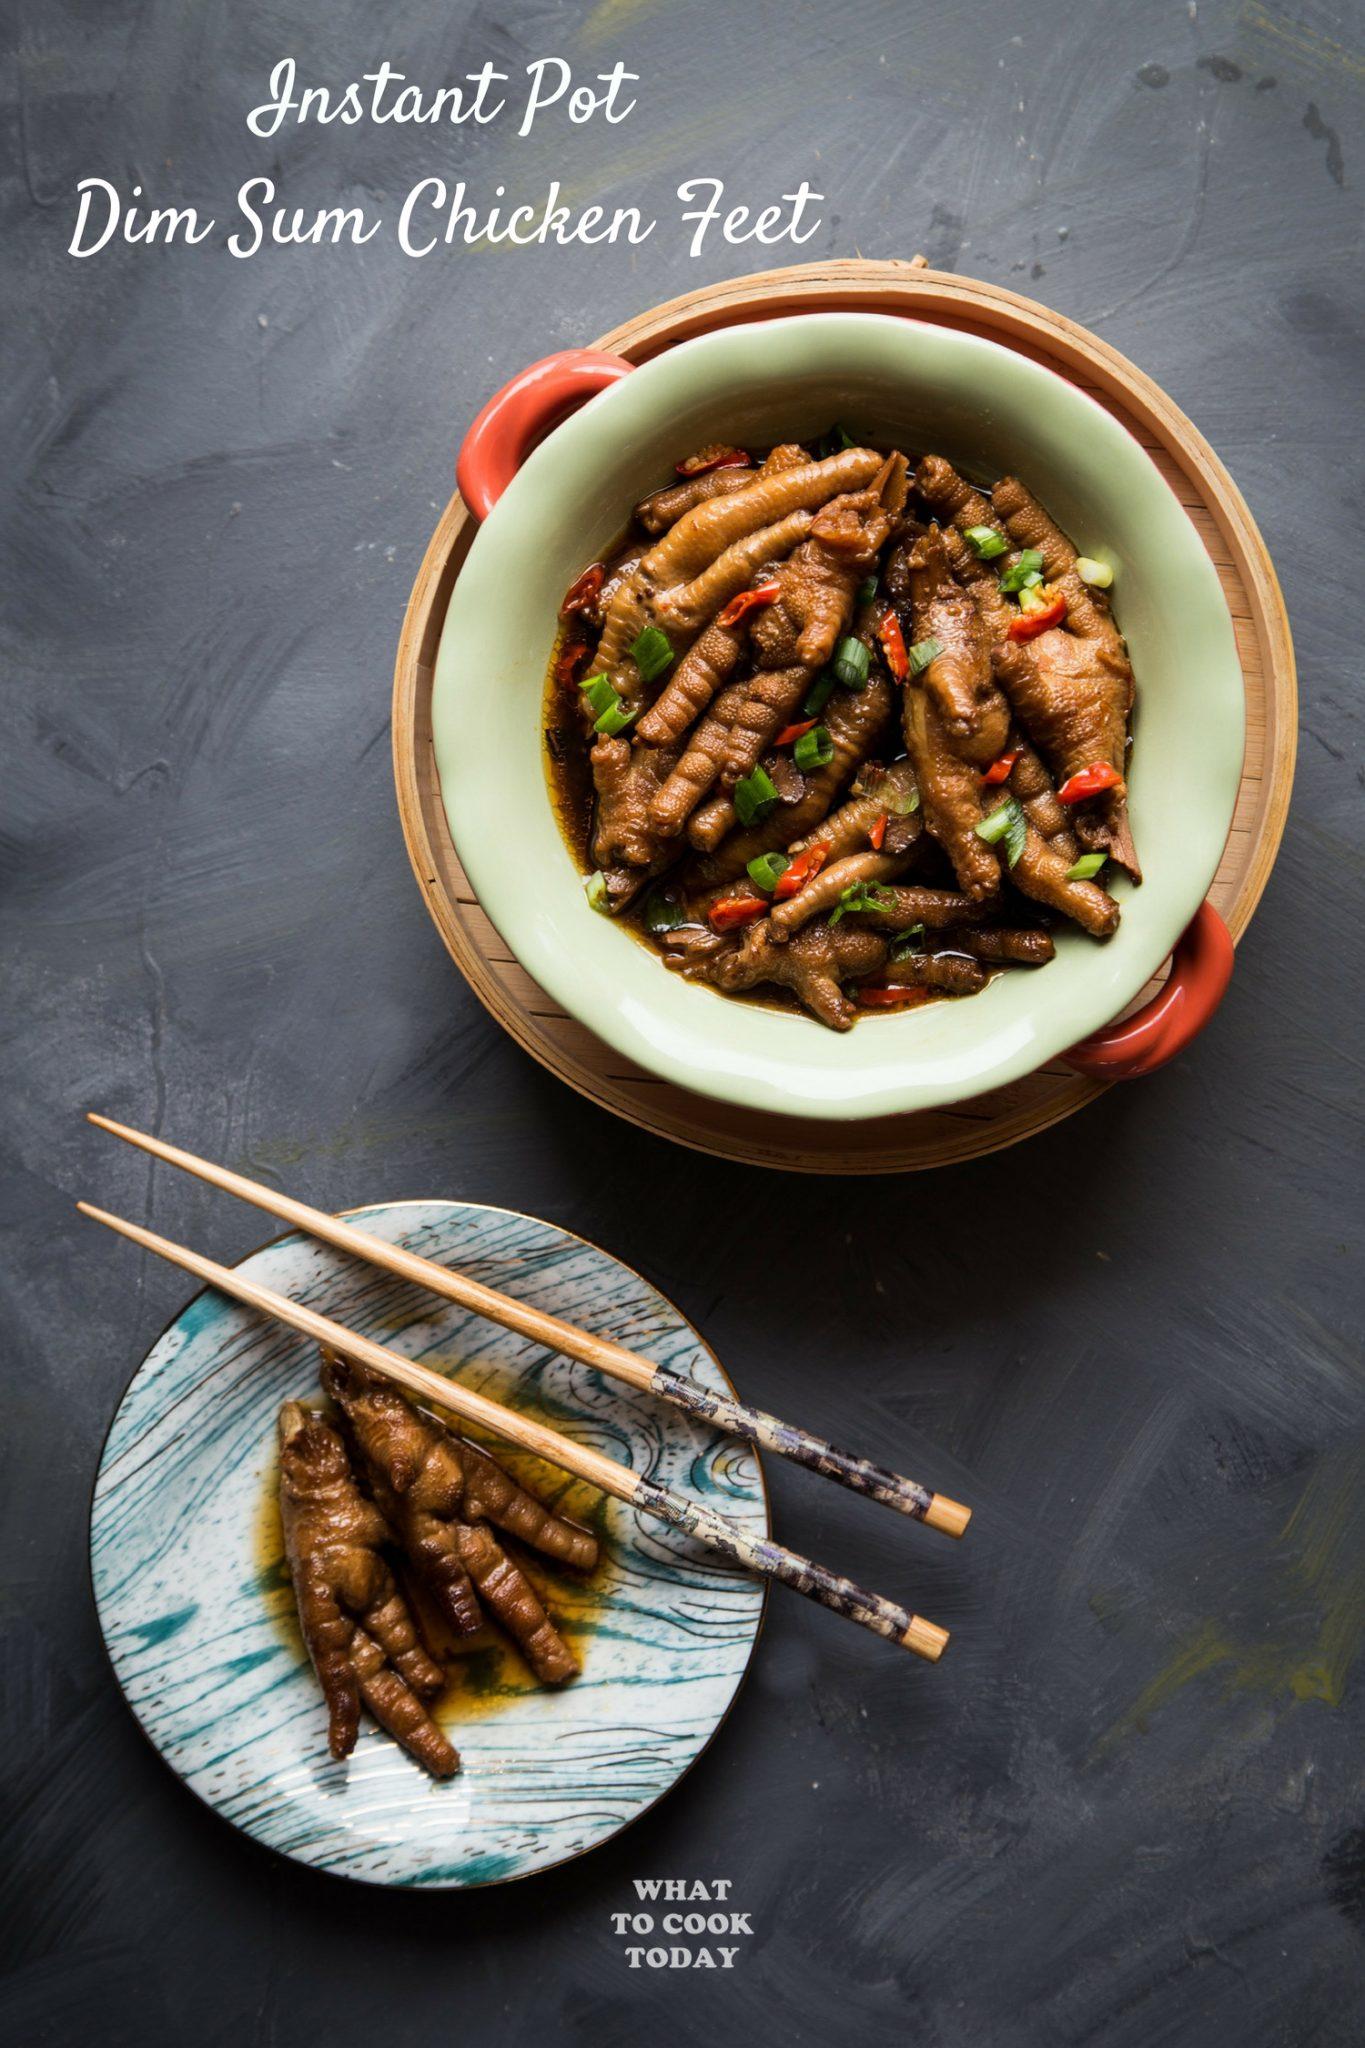 Pressure Cooker Chicken Feet Dim Sum (Ceker Ayam Dim Sum) #instantpot #instantpotrecipes #chickenfeet #dimsum